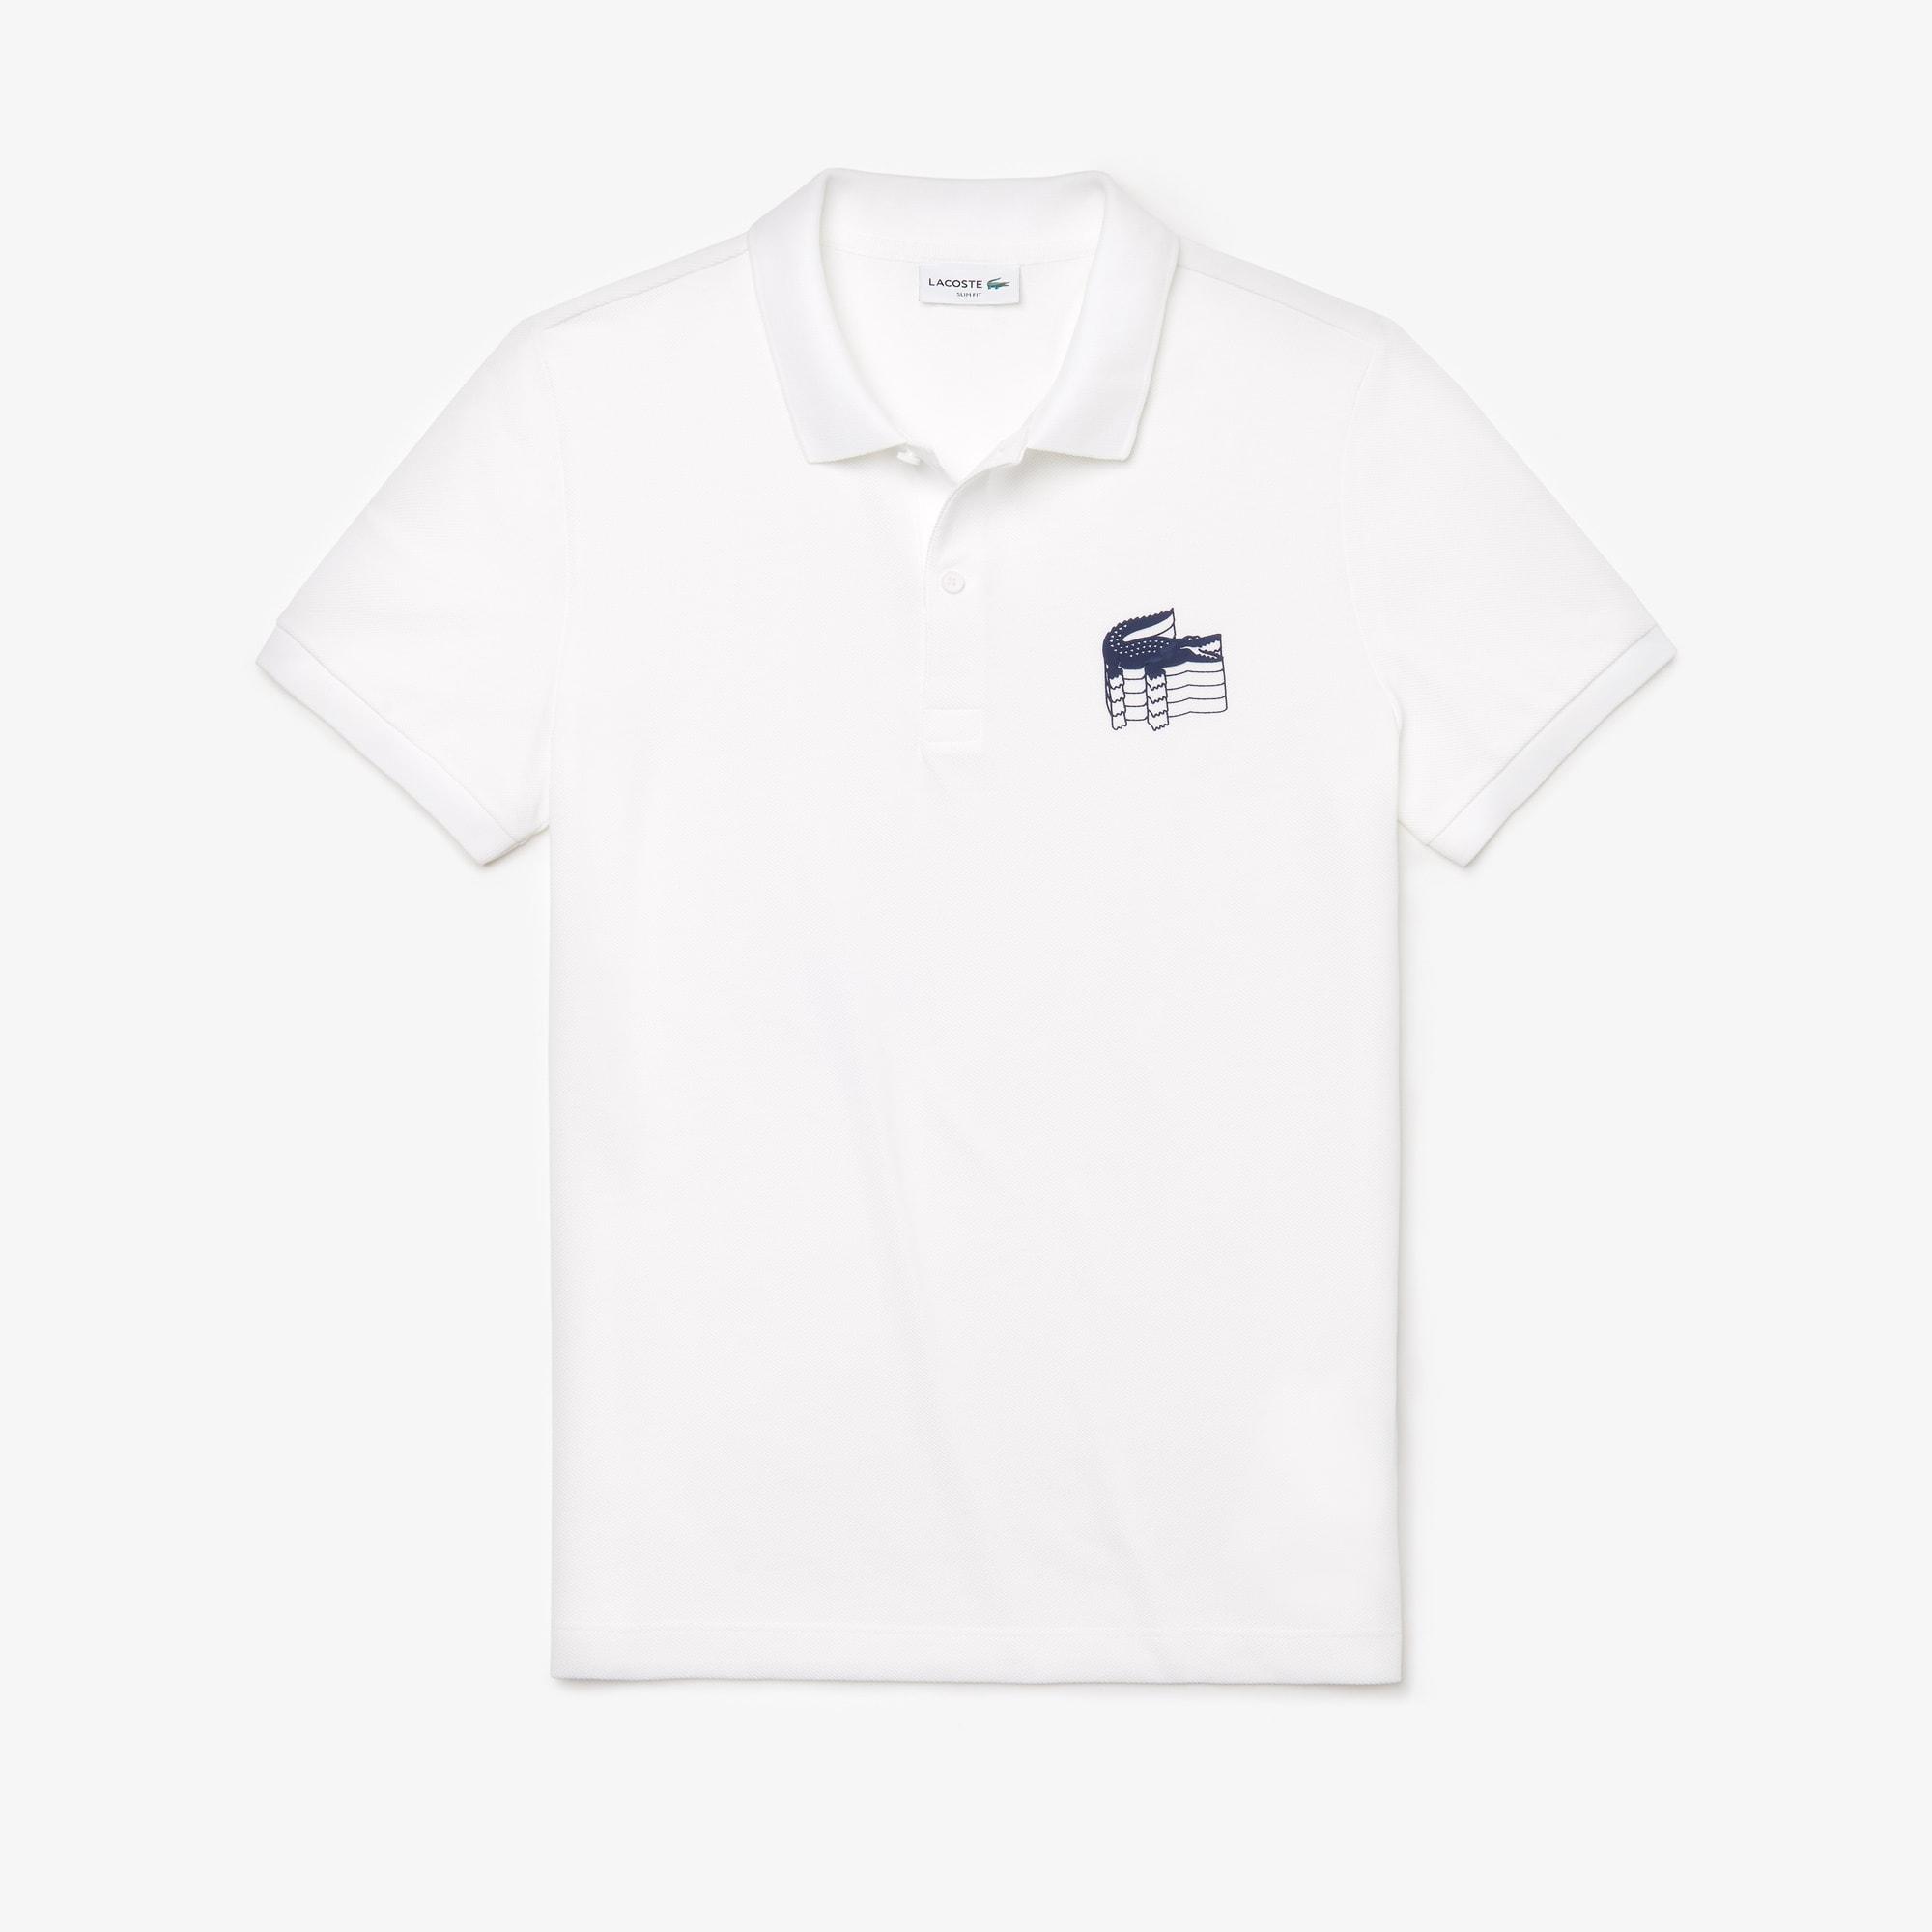 0897b5dc4d Men's Lacoste Slim Fit 3D Croc Cotton Petit Piqué Polo Shirt | LACOSTE